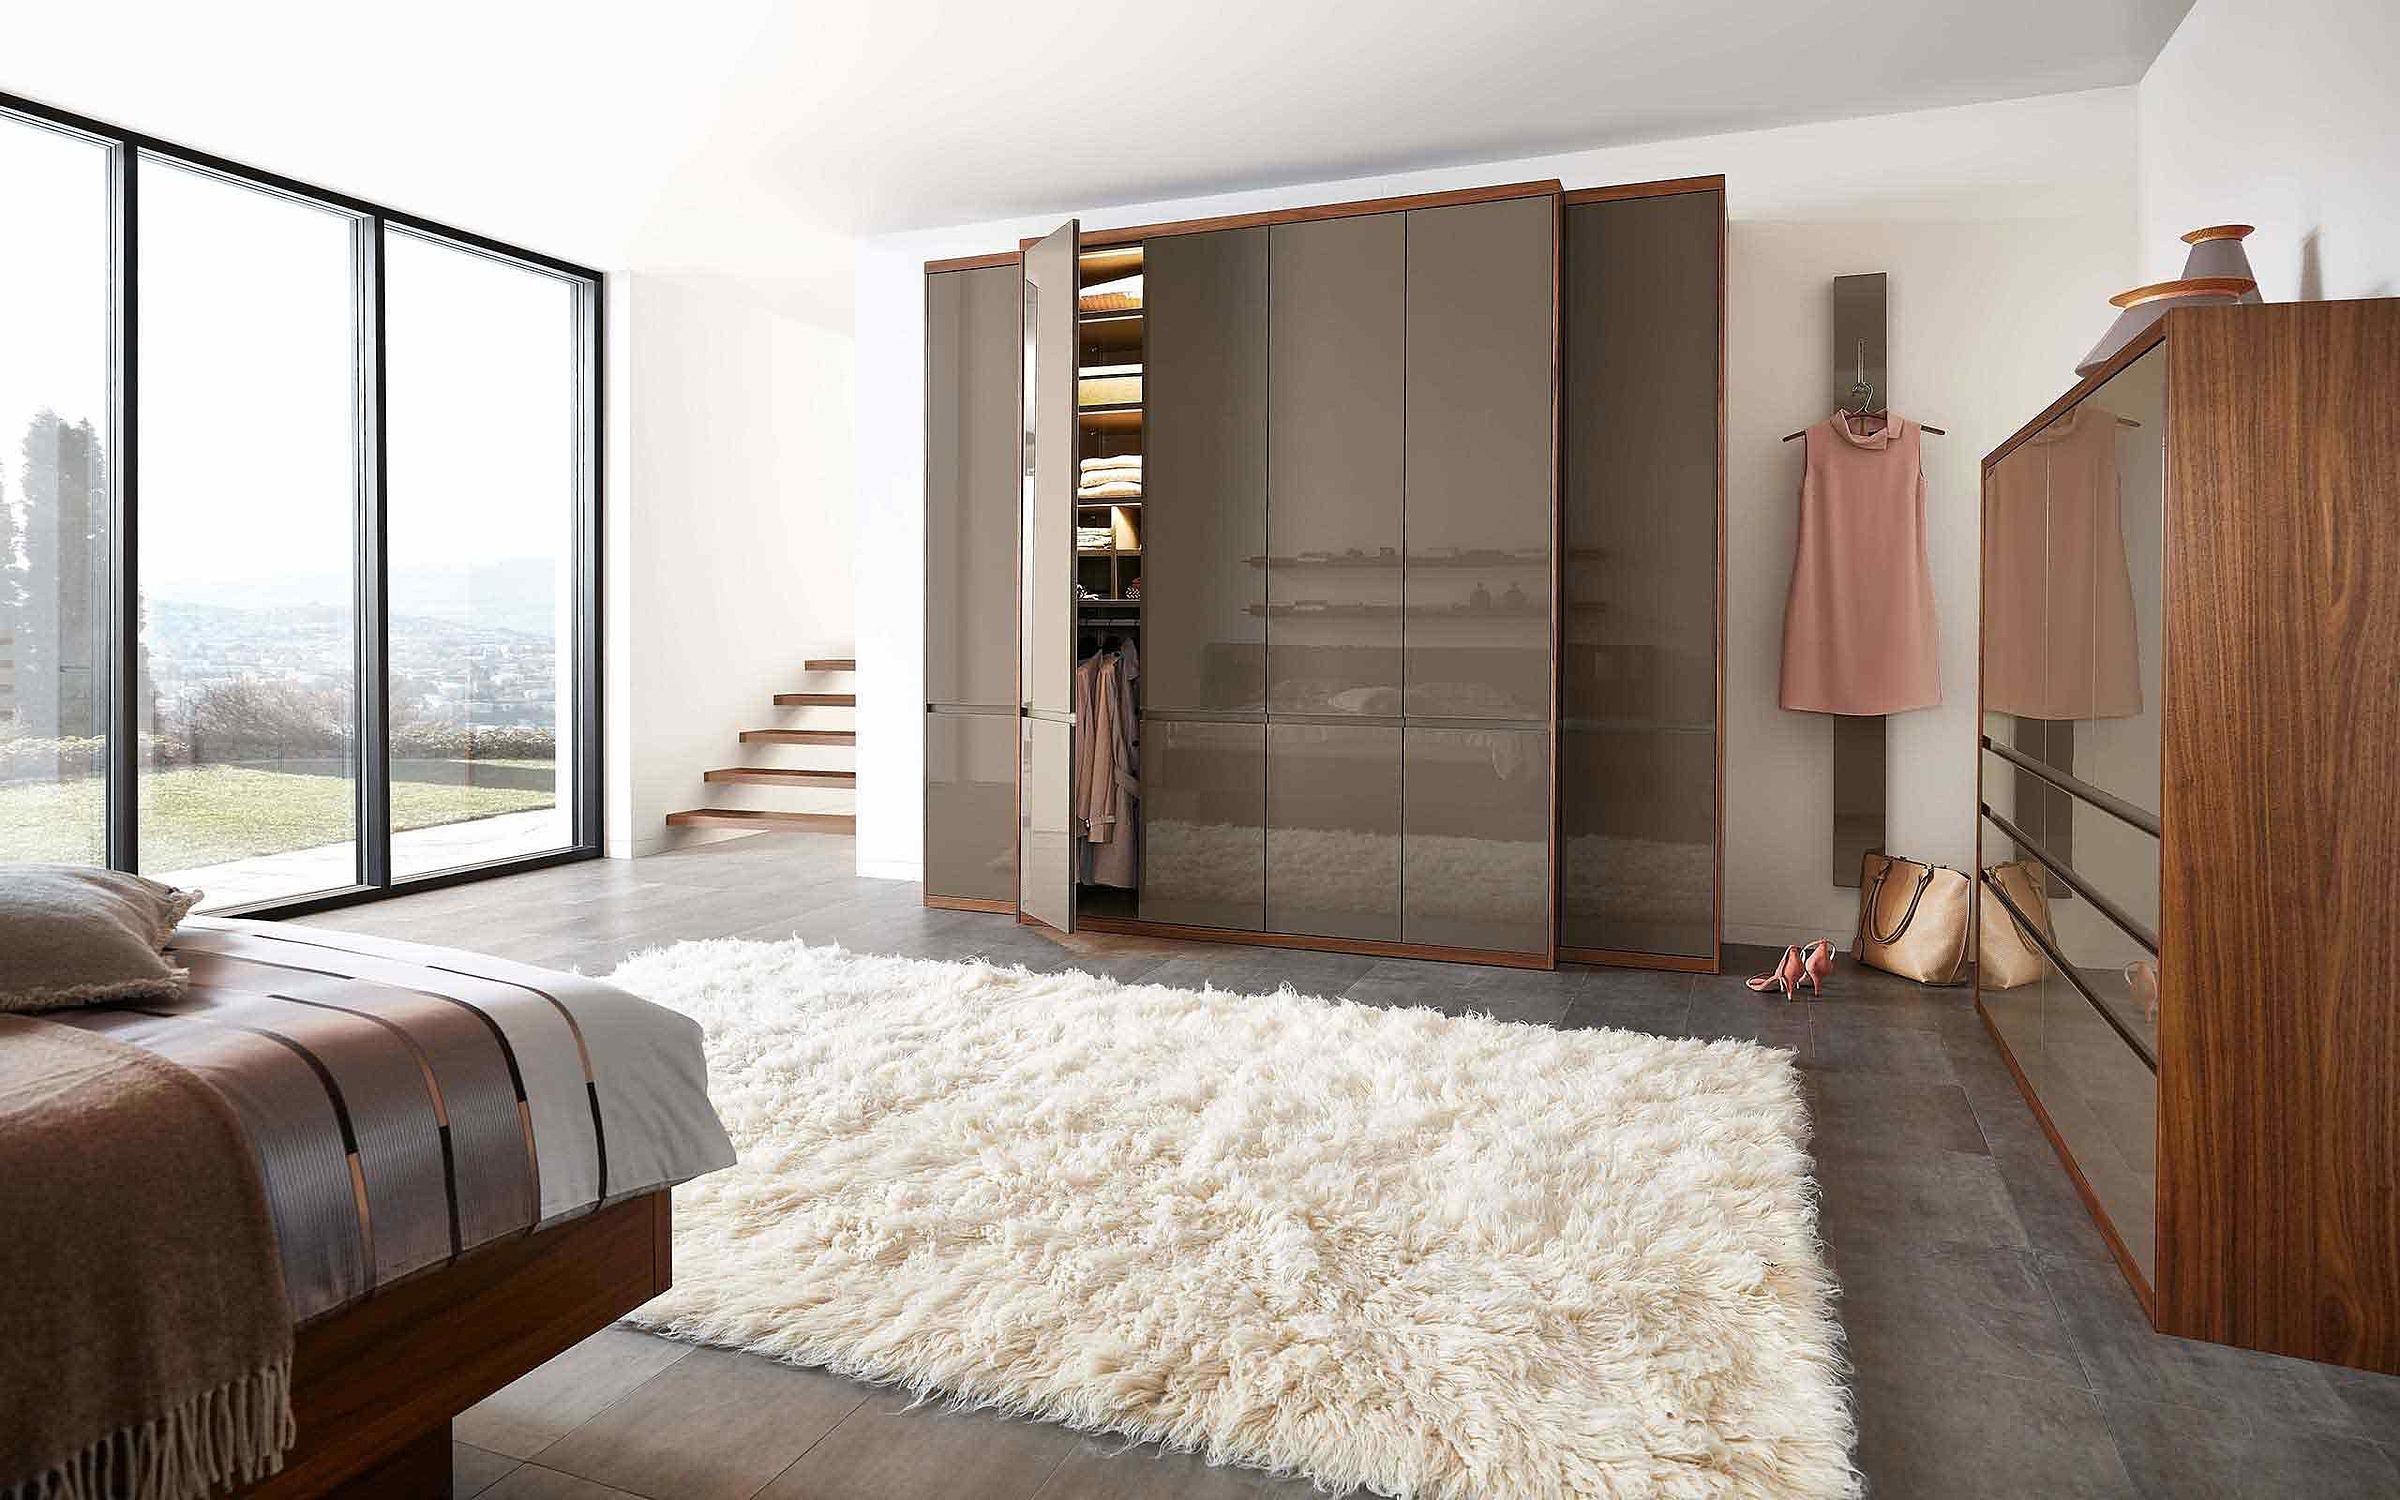 Kleiderschrank Schlafzimmer Enjoy Lack terra